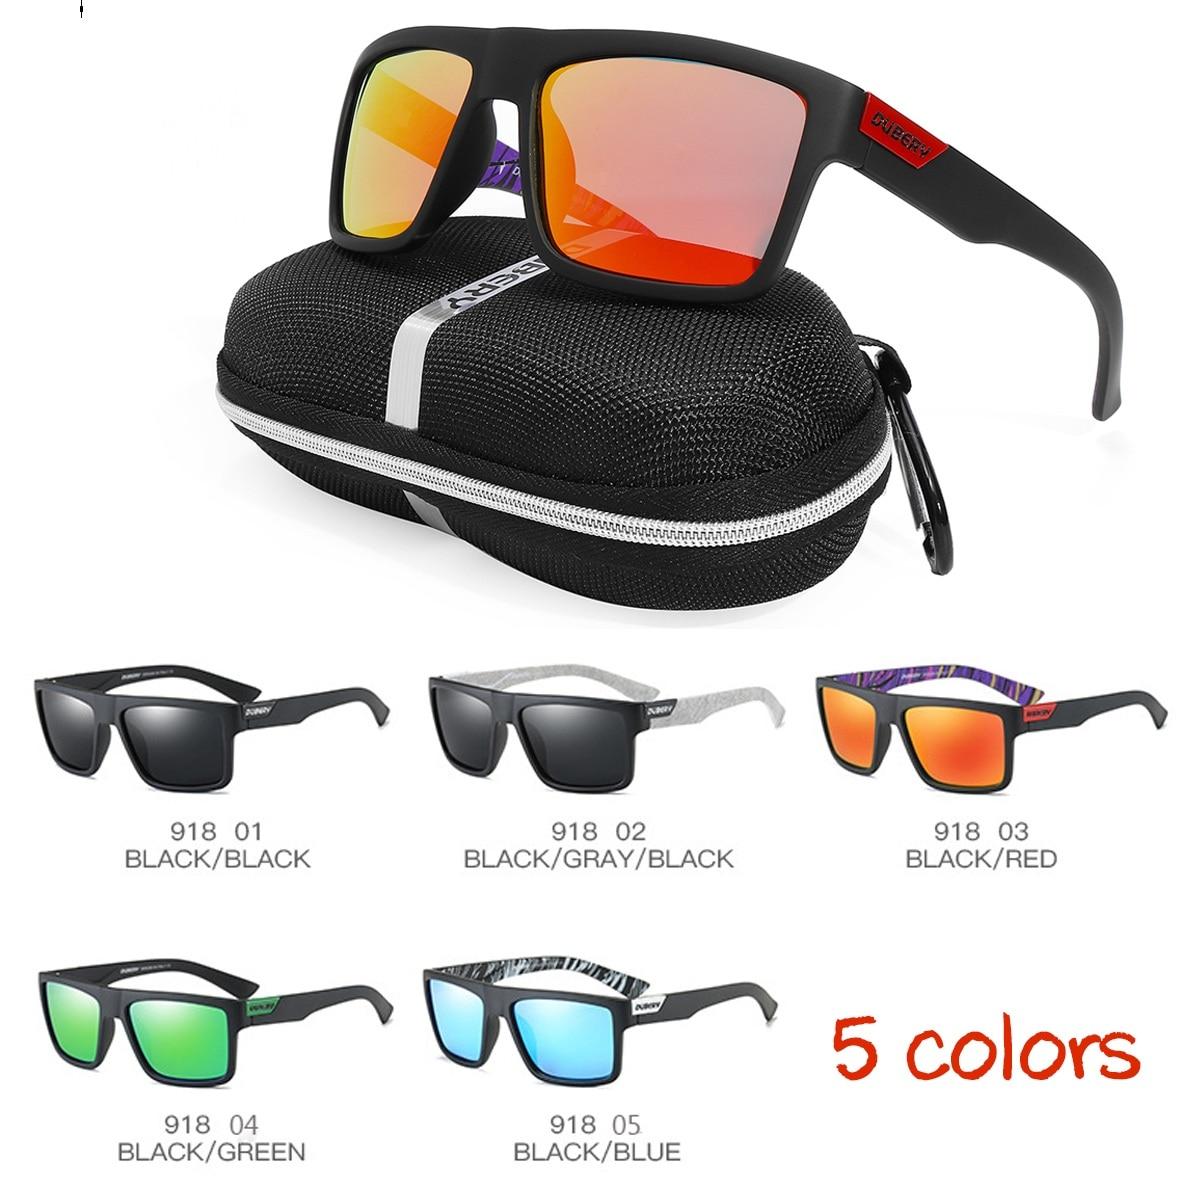 4d4d1caea7 Gafas de visión nocturna para hombres y mujeres gafas cuadradas de noche  para conducir gafas de